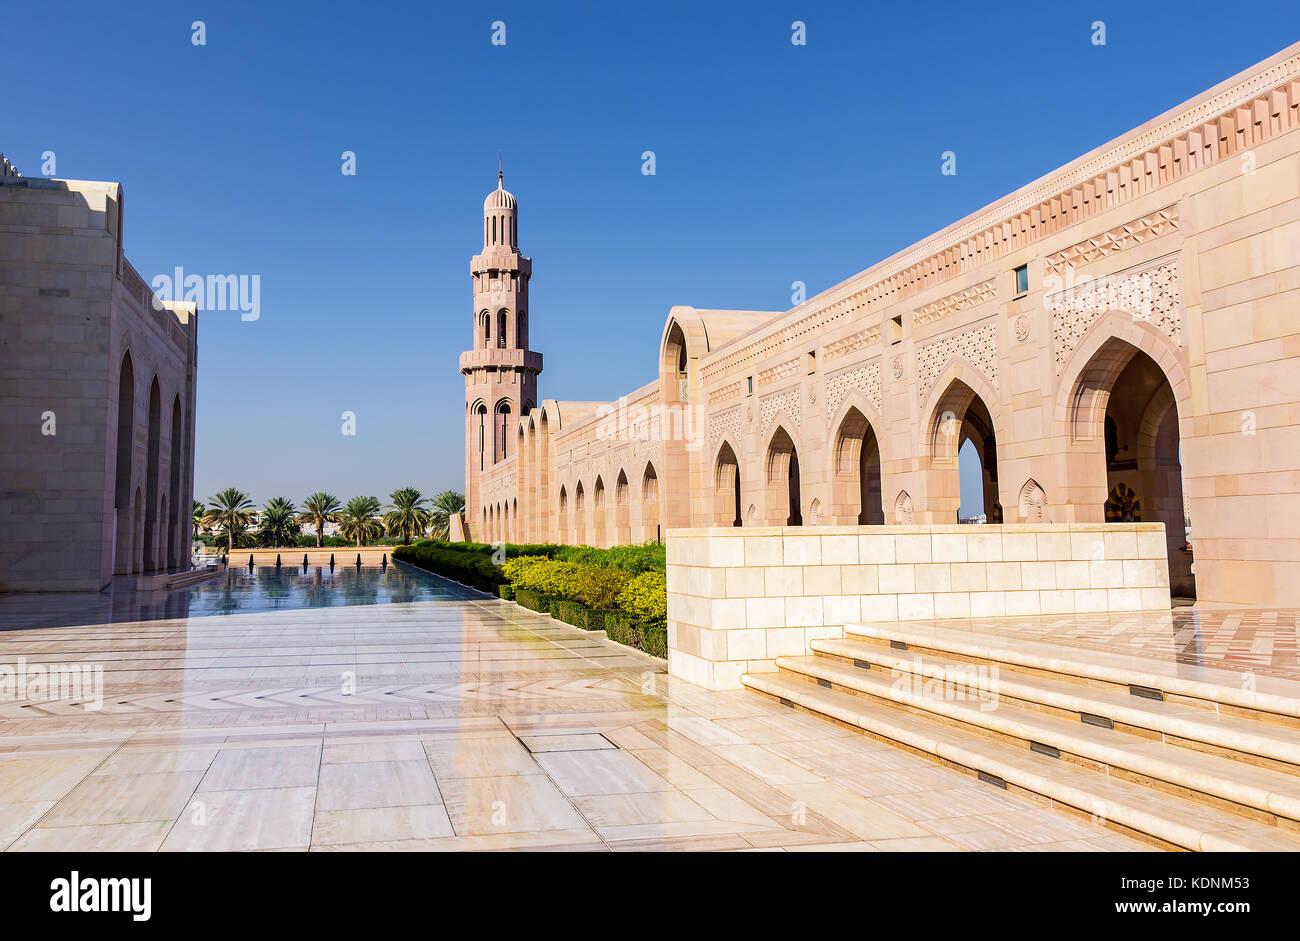 Interior Sultan Qaboos Grand Mosque Stock Photos